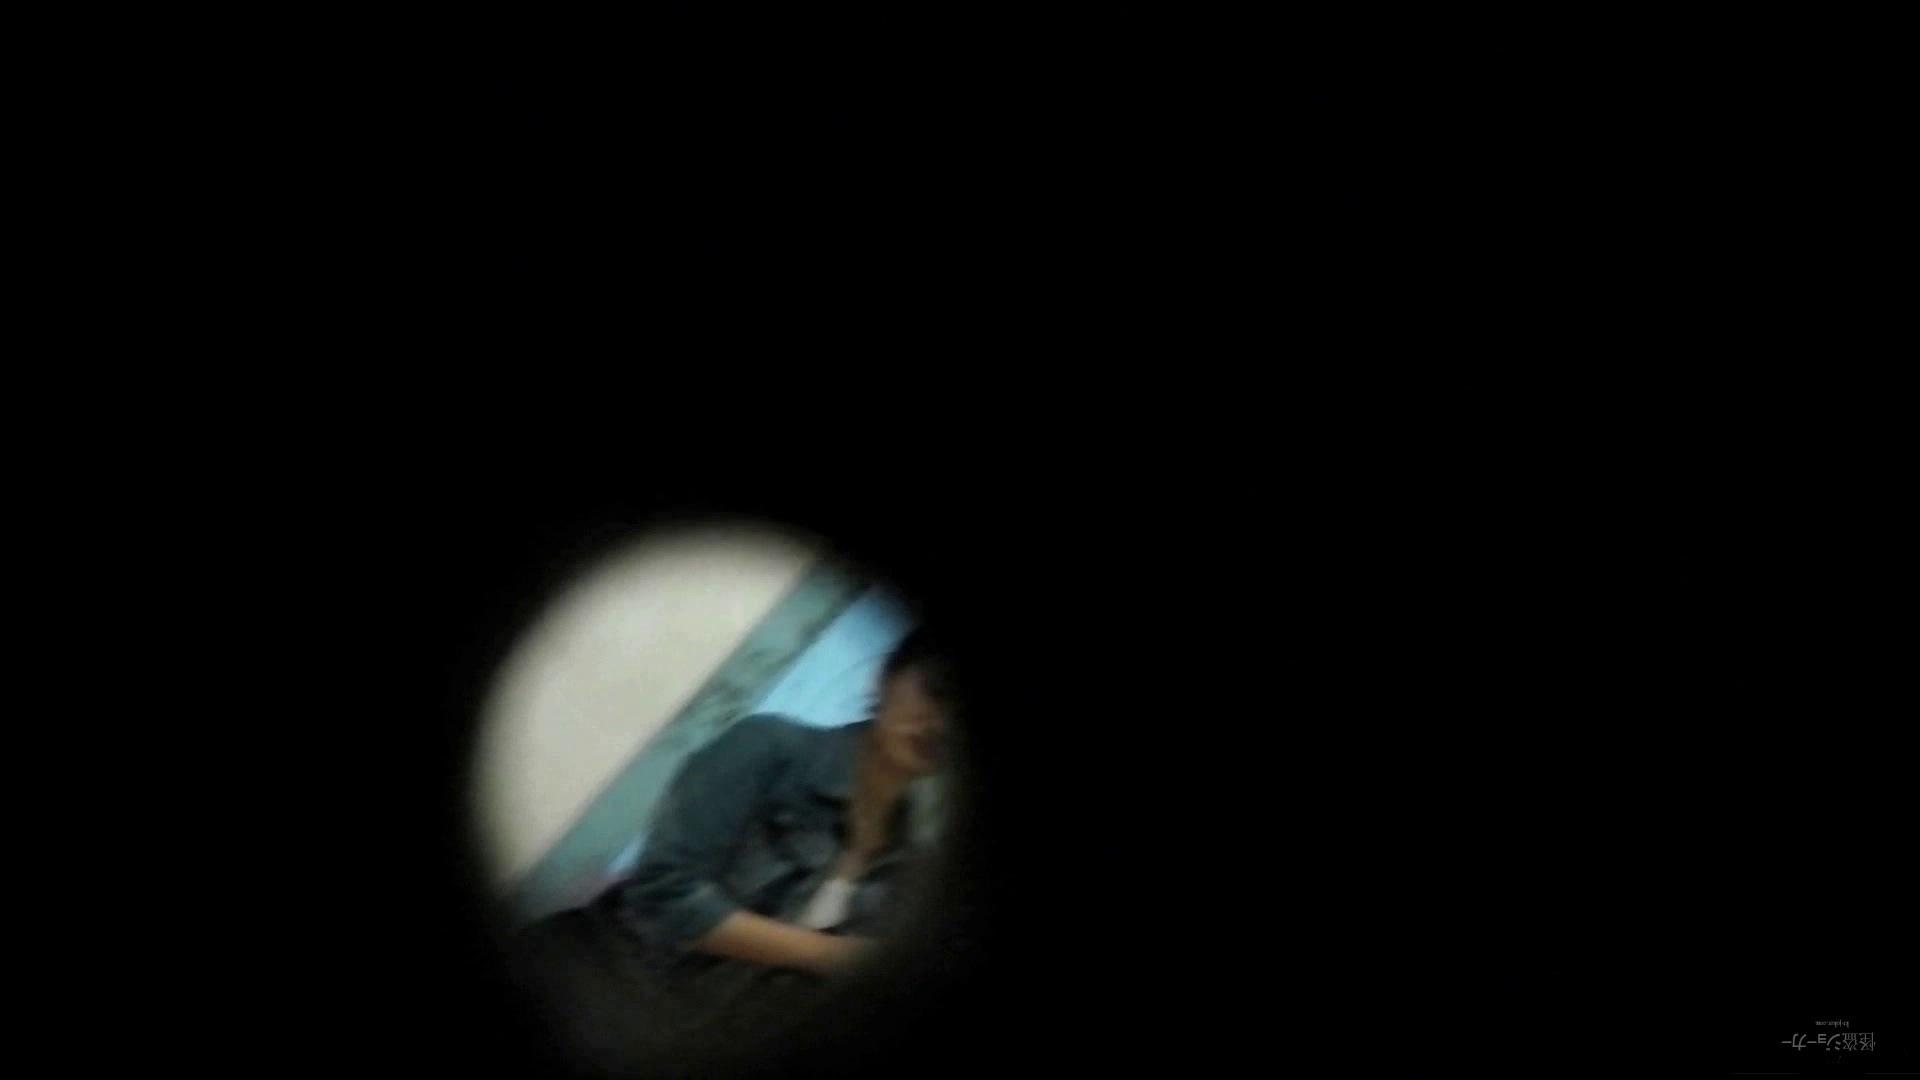 ステーション編 vol.25 必見桜庭みなみ?似 登場! 高画質動画 ワレメ無修正動画無料 87画像 71